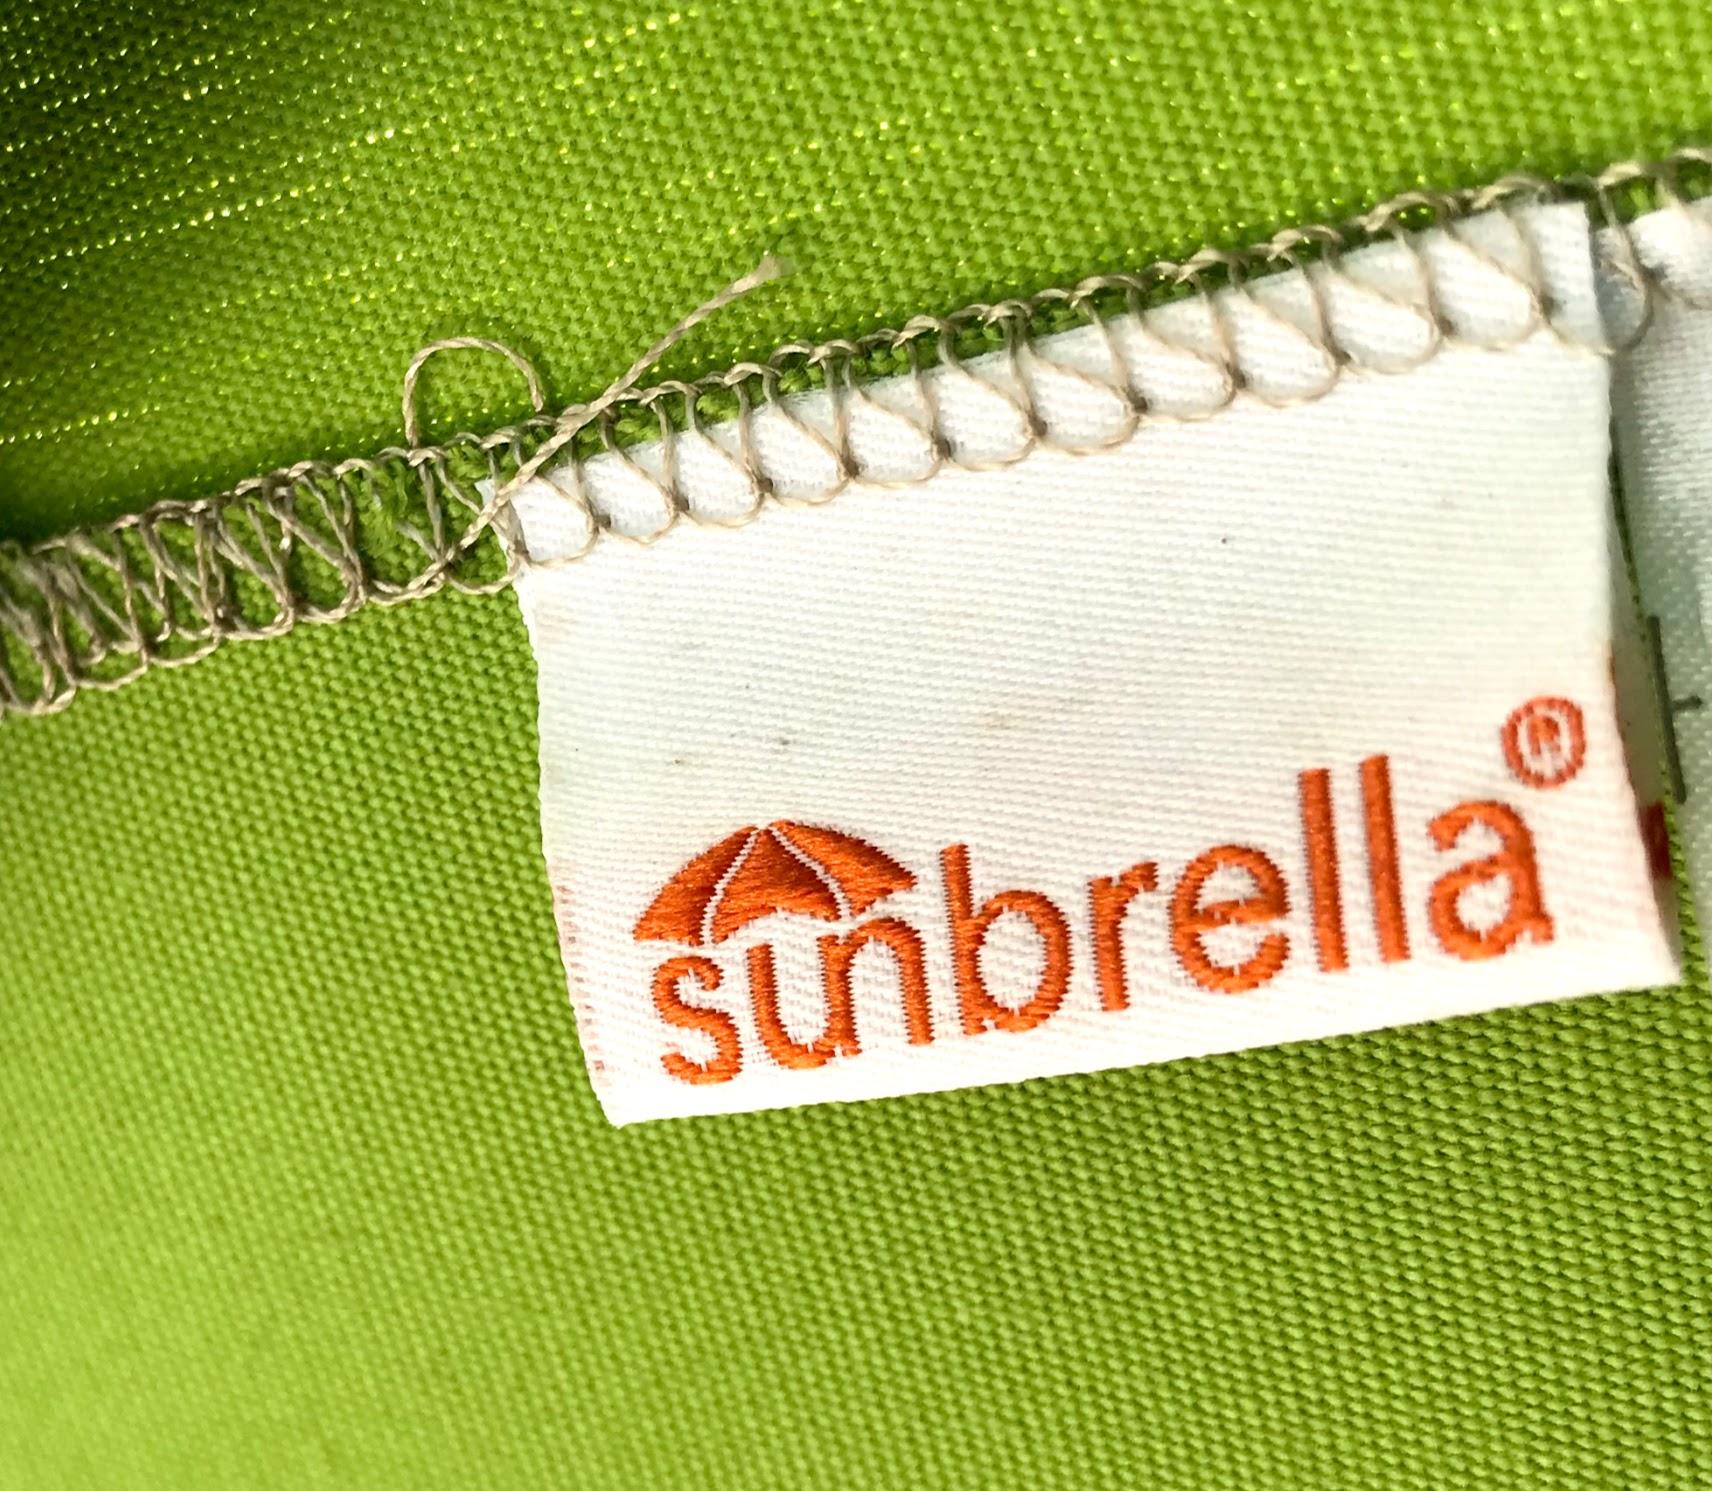 the best rectangular patio umbrella fabric